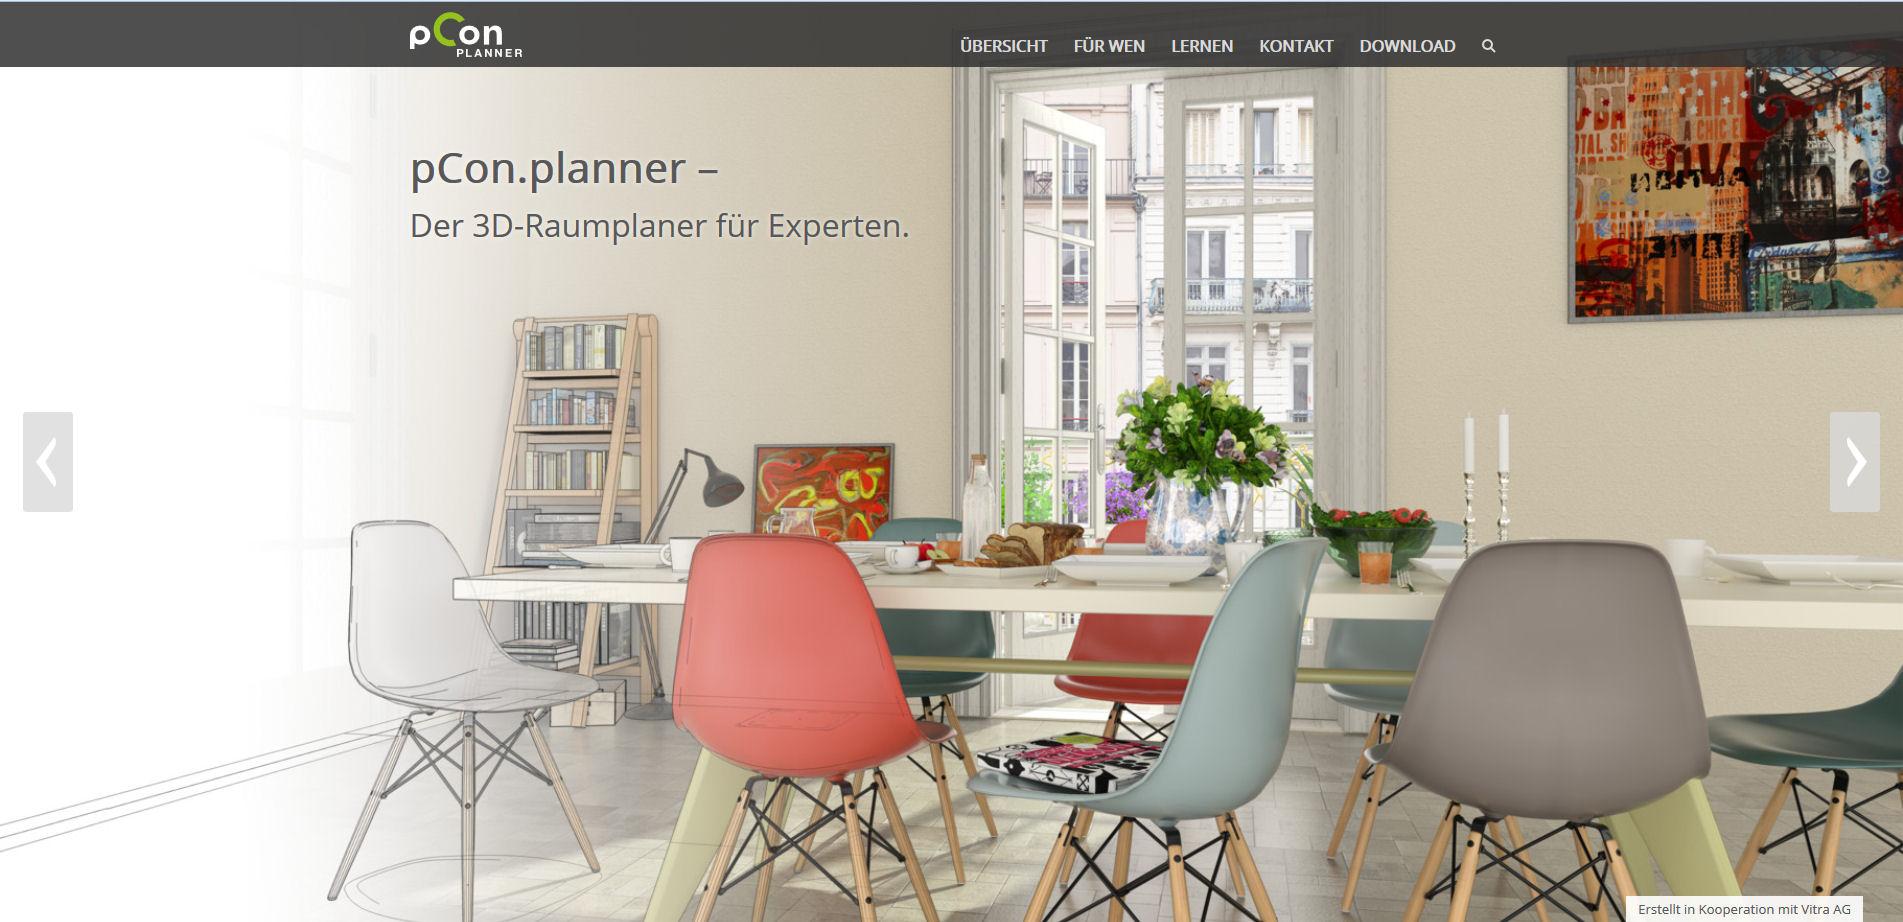 Nieuwe pCon.planner website